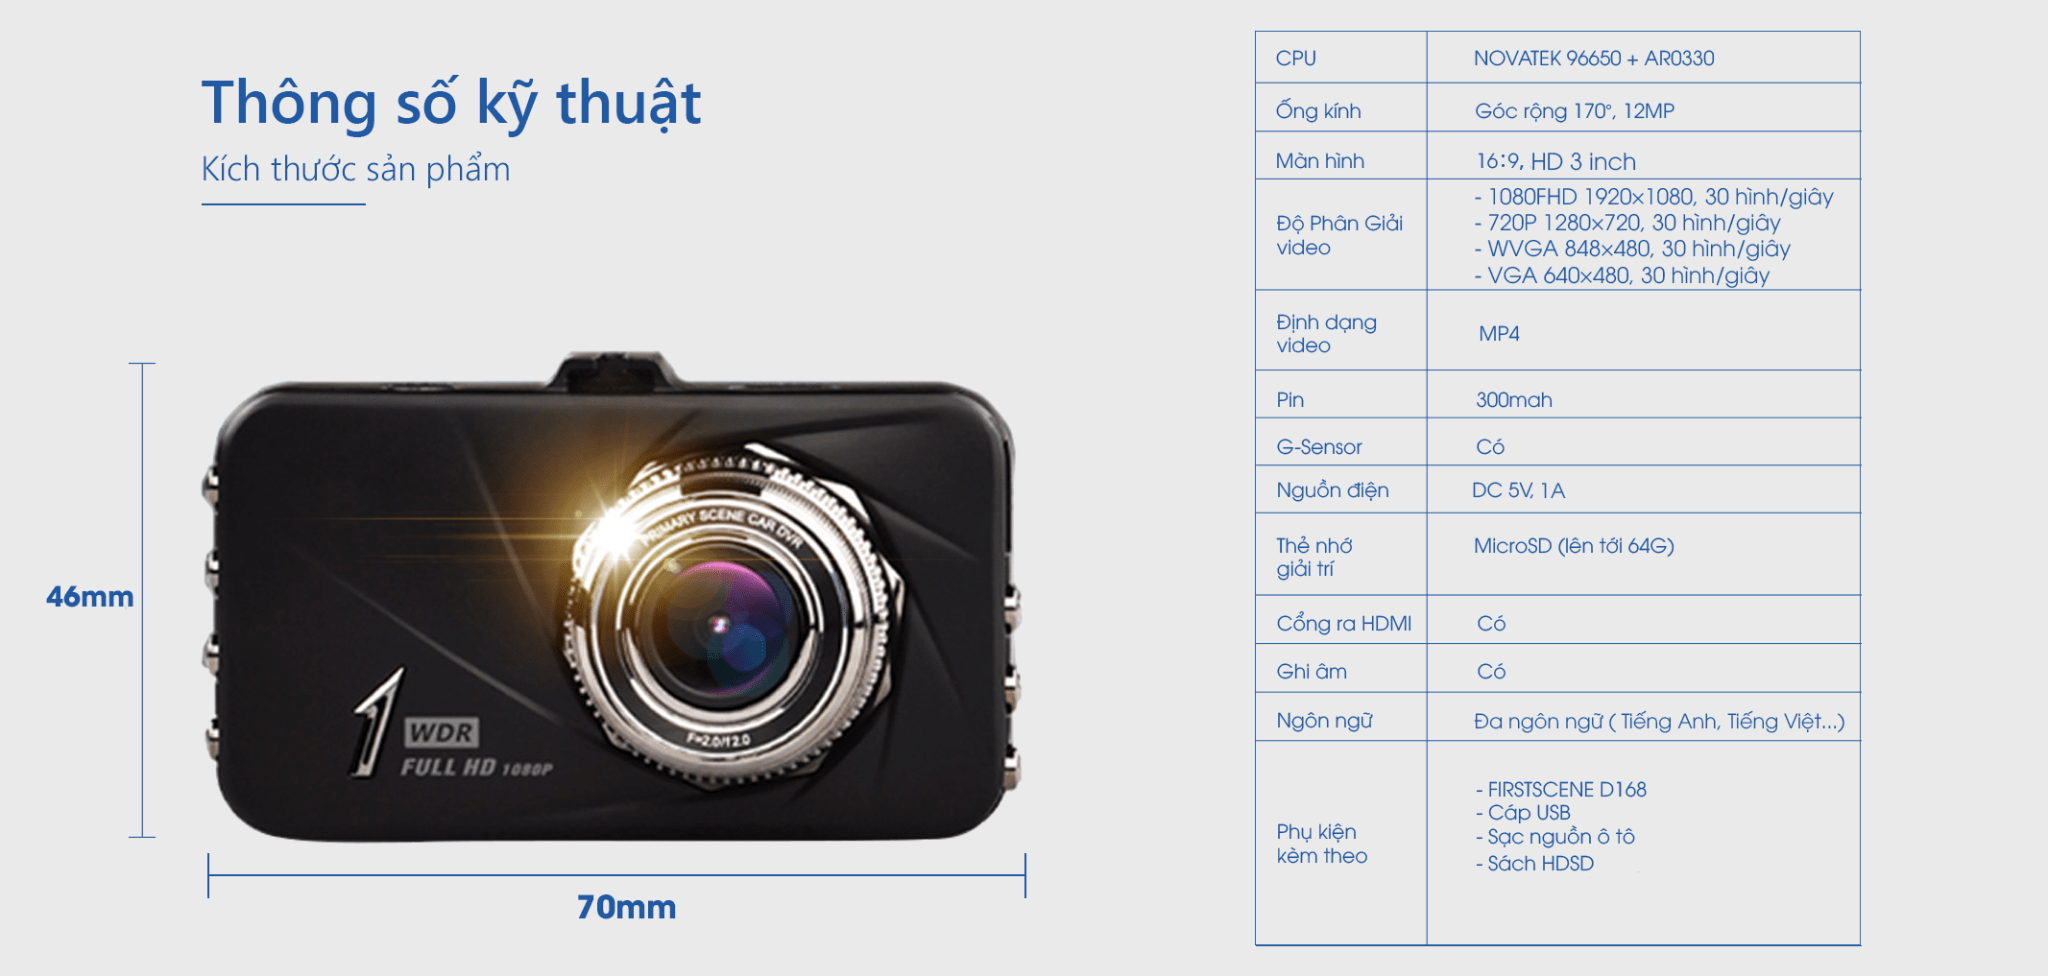 Thông số kĩ thuật của camera